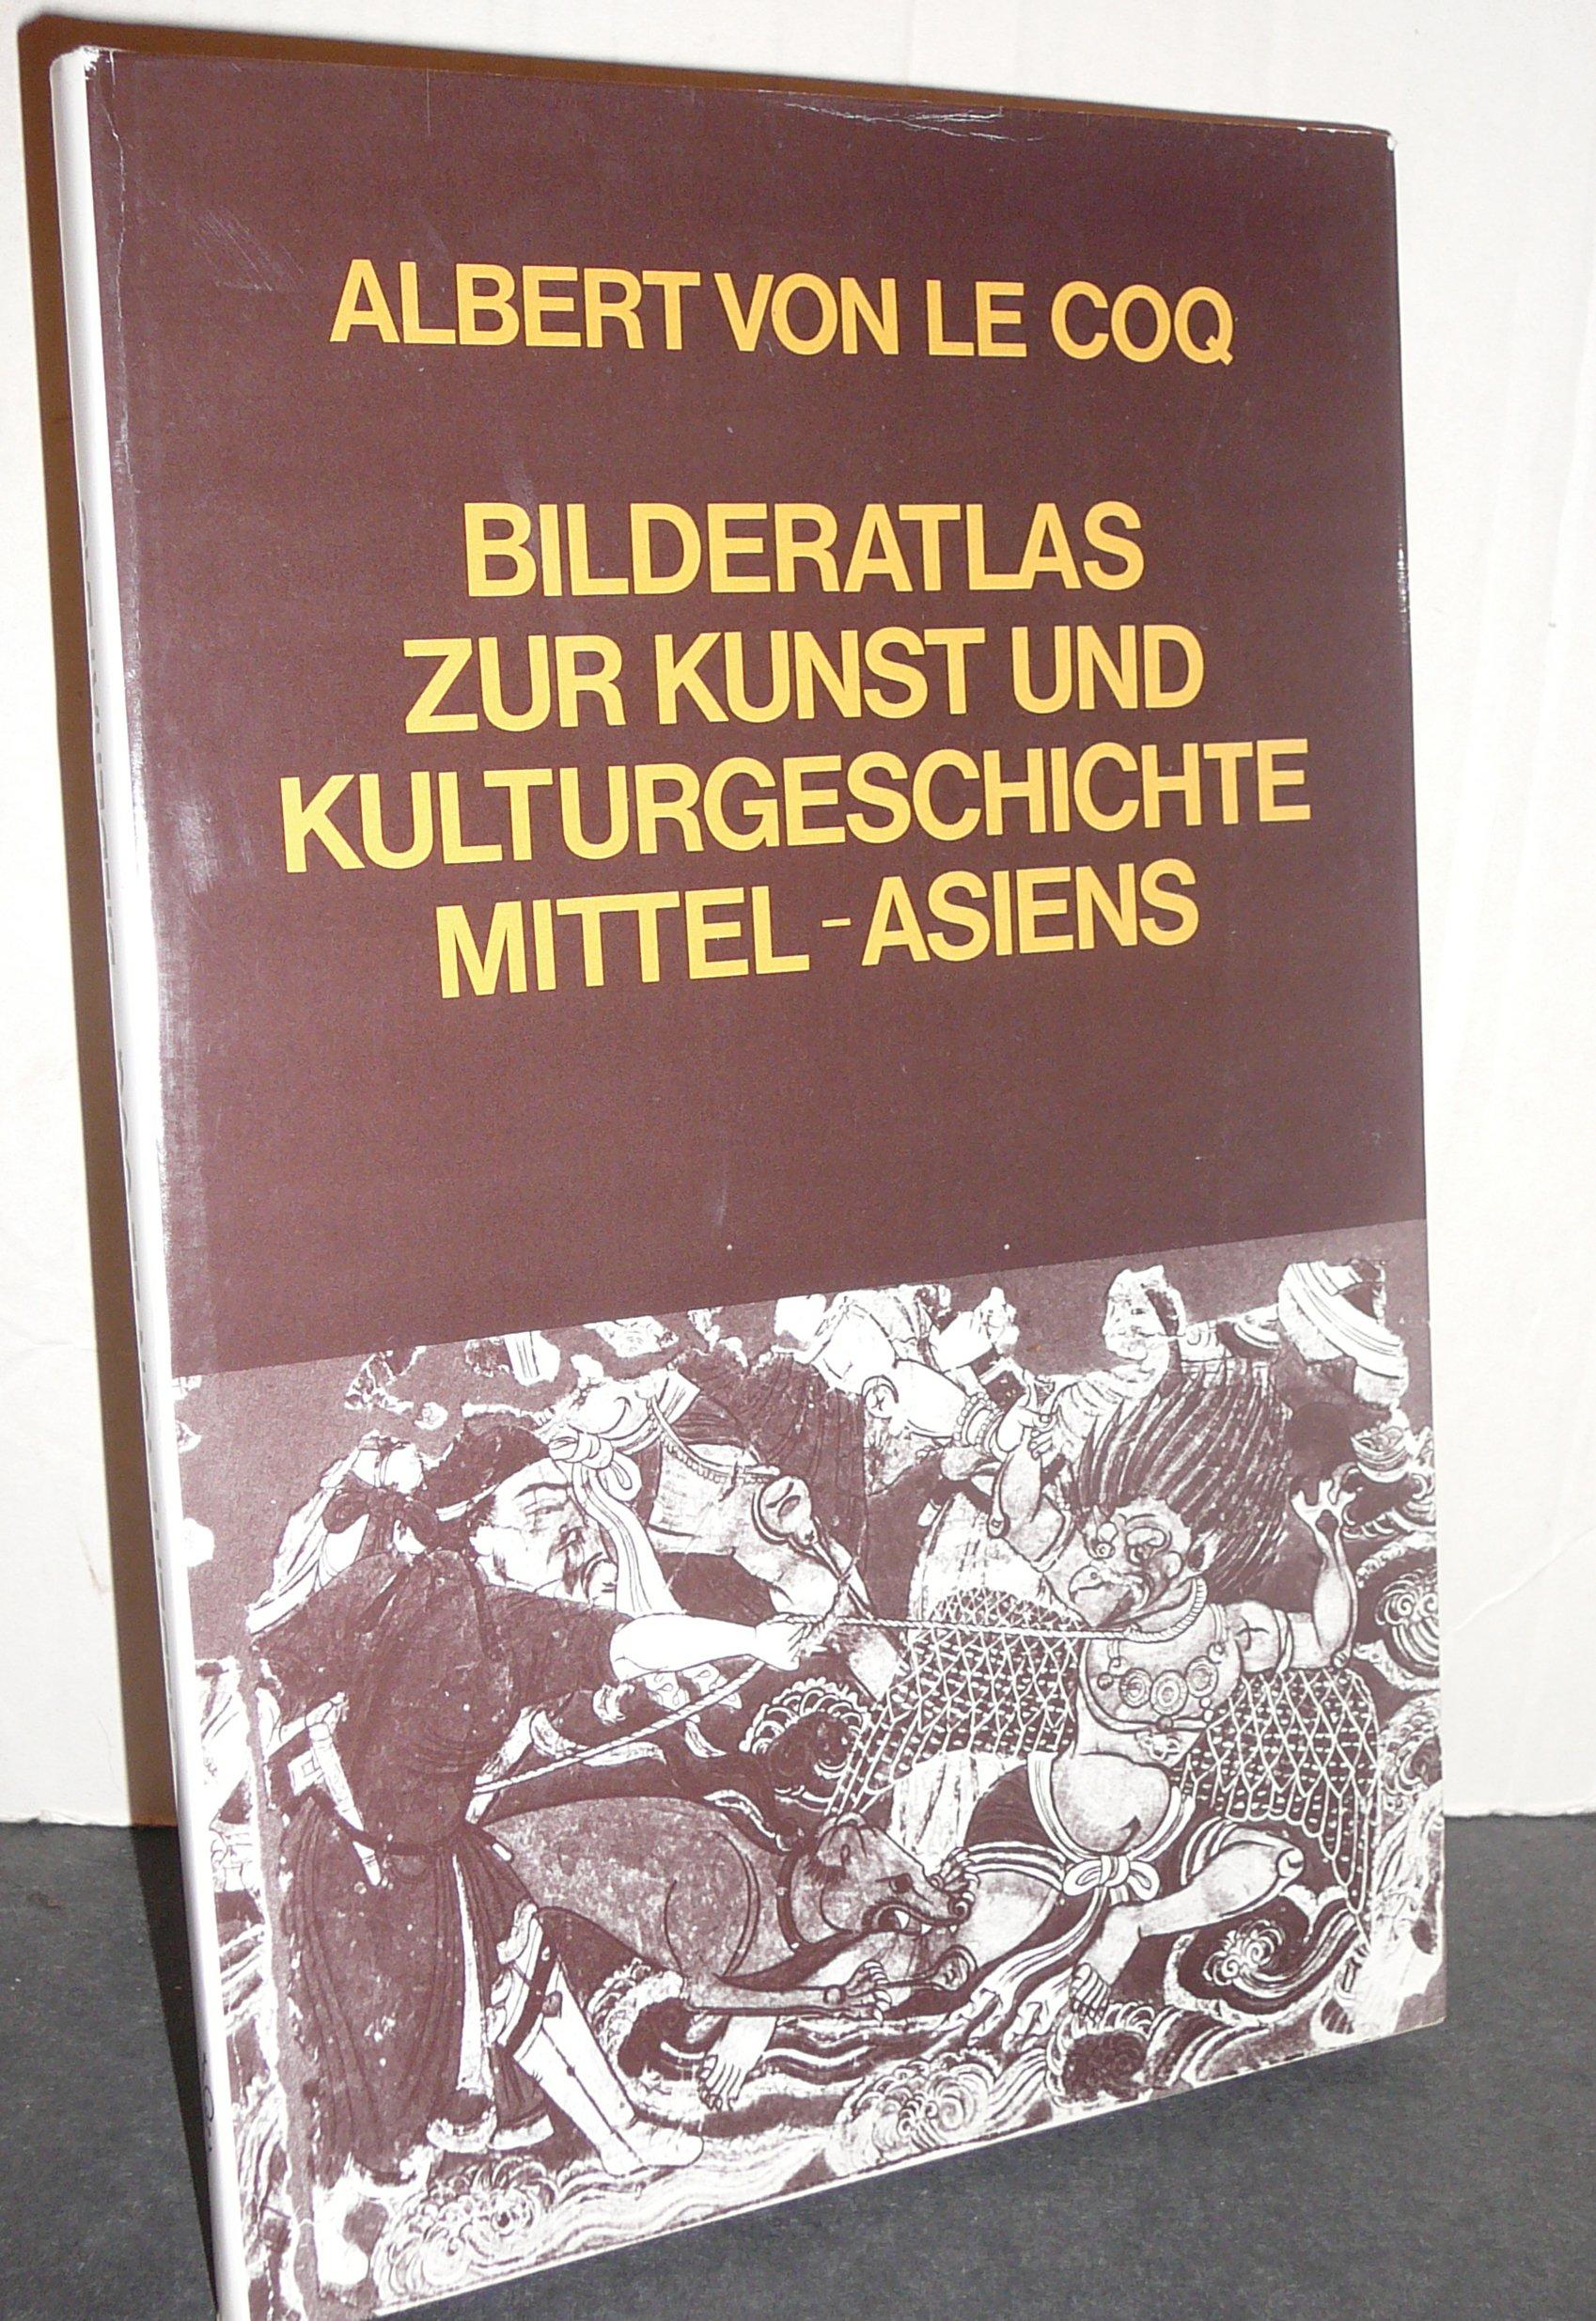 Bilderatlas zur Kunst und Kulturgeschichte Mittelasiens